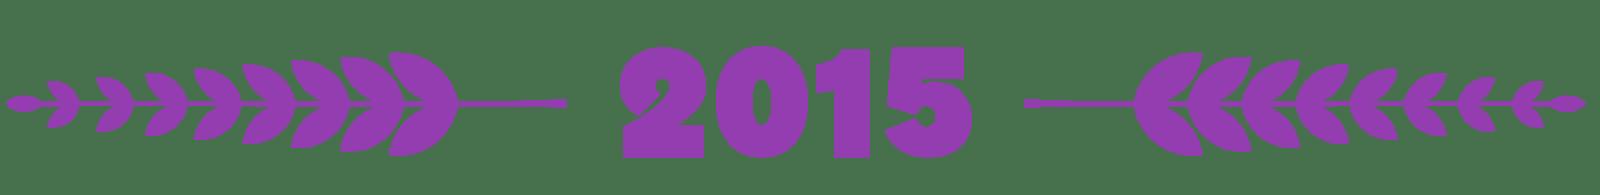 2015 divider